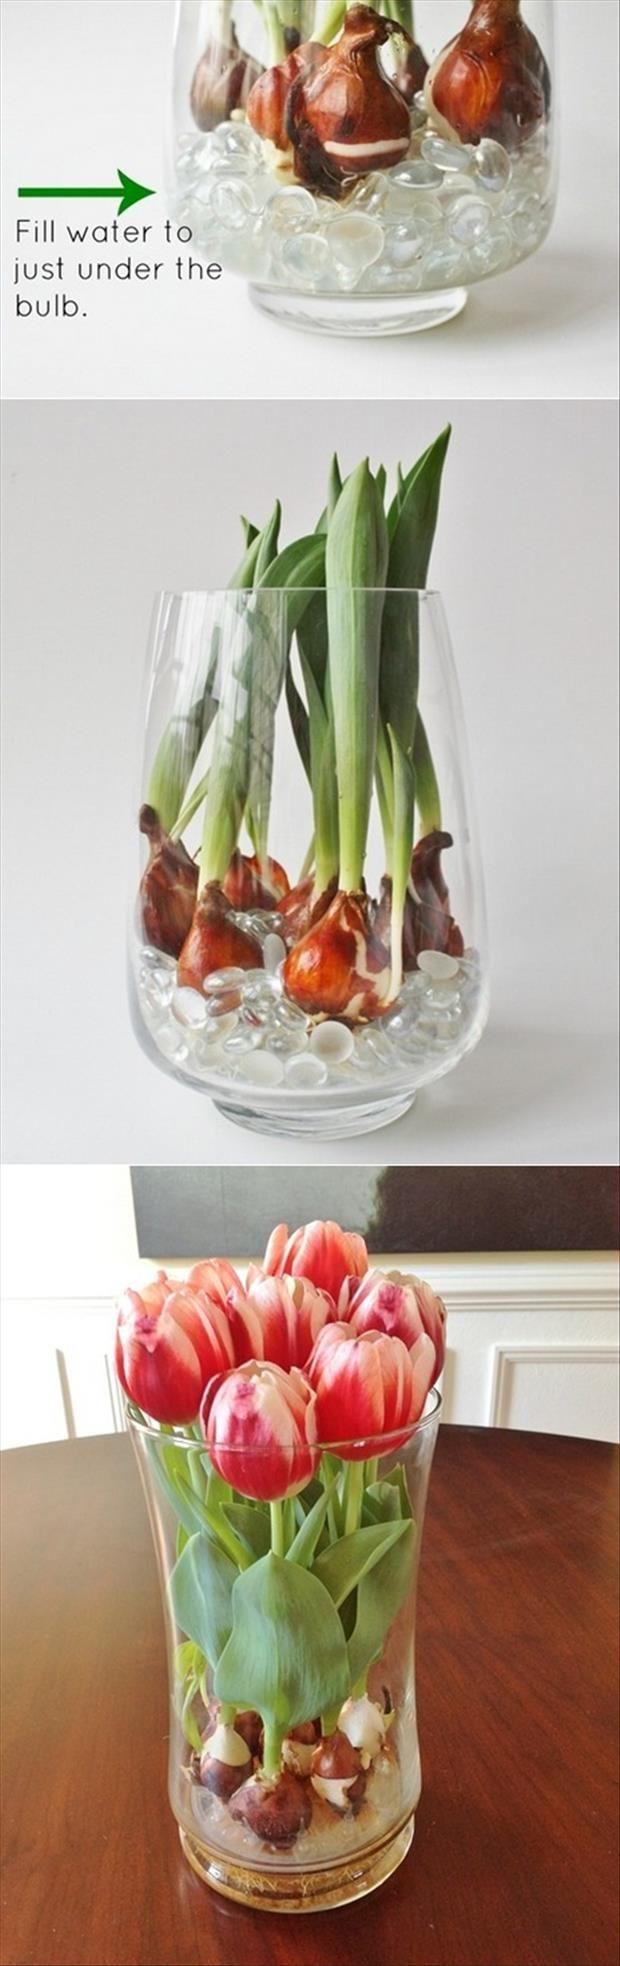 Blumenzwiebeln im Glas  Anleitung zum nachbasteln auf: http://nicbastelt.com/gebaut/fruehlingsblueher-im-glas